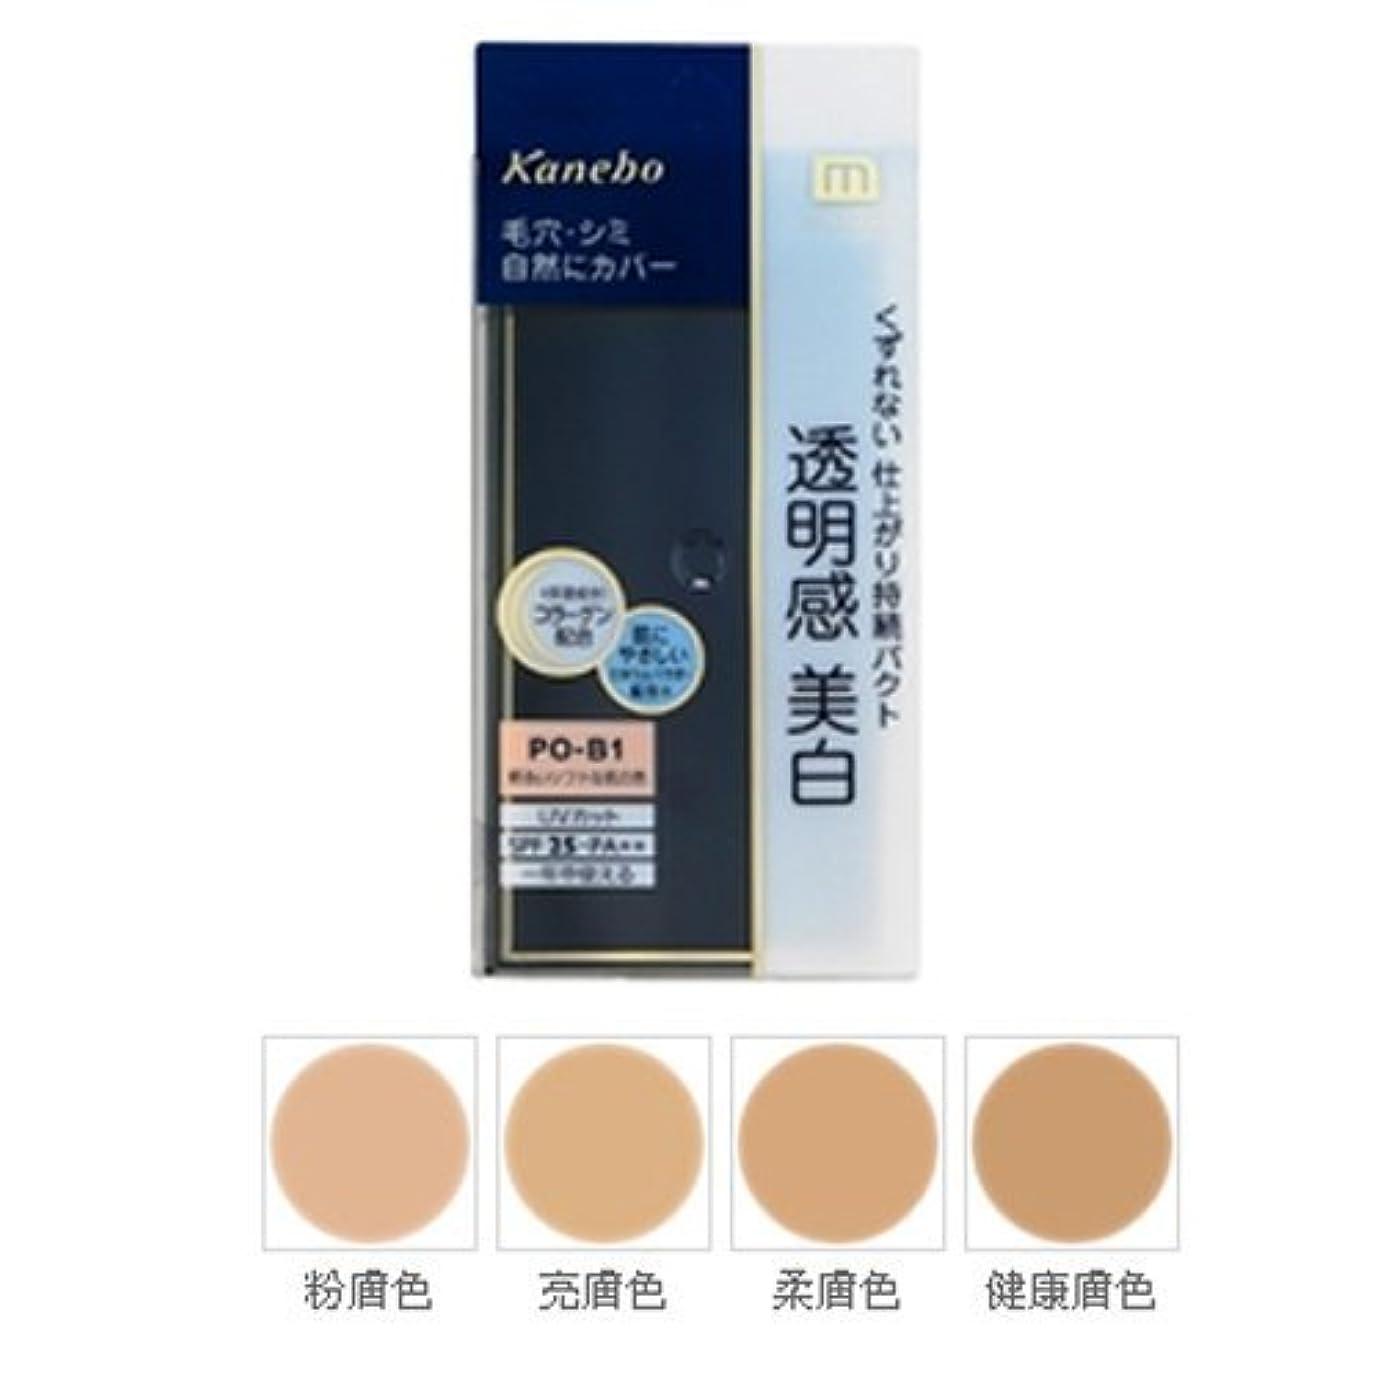 誠意乙女コウモリカネボウ メディア(media)ホワイトニングパクトA III カラー:OC-E1